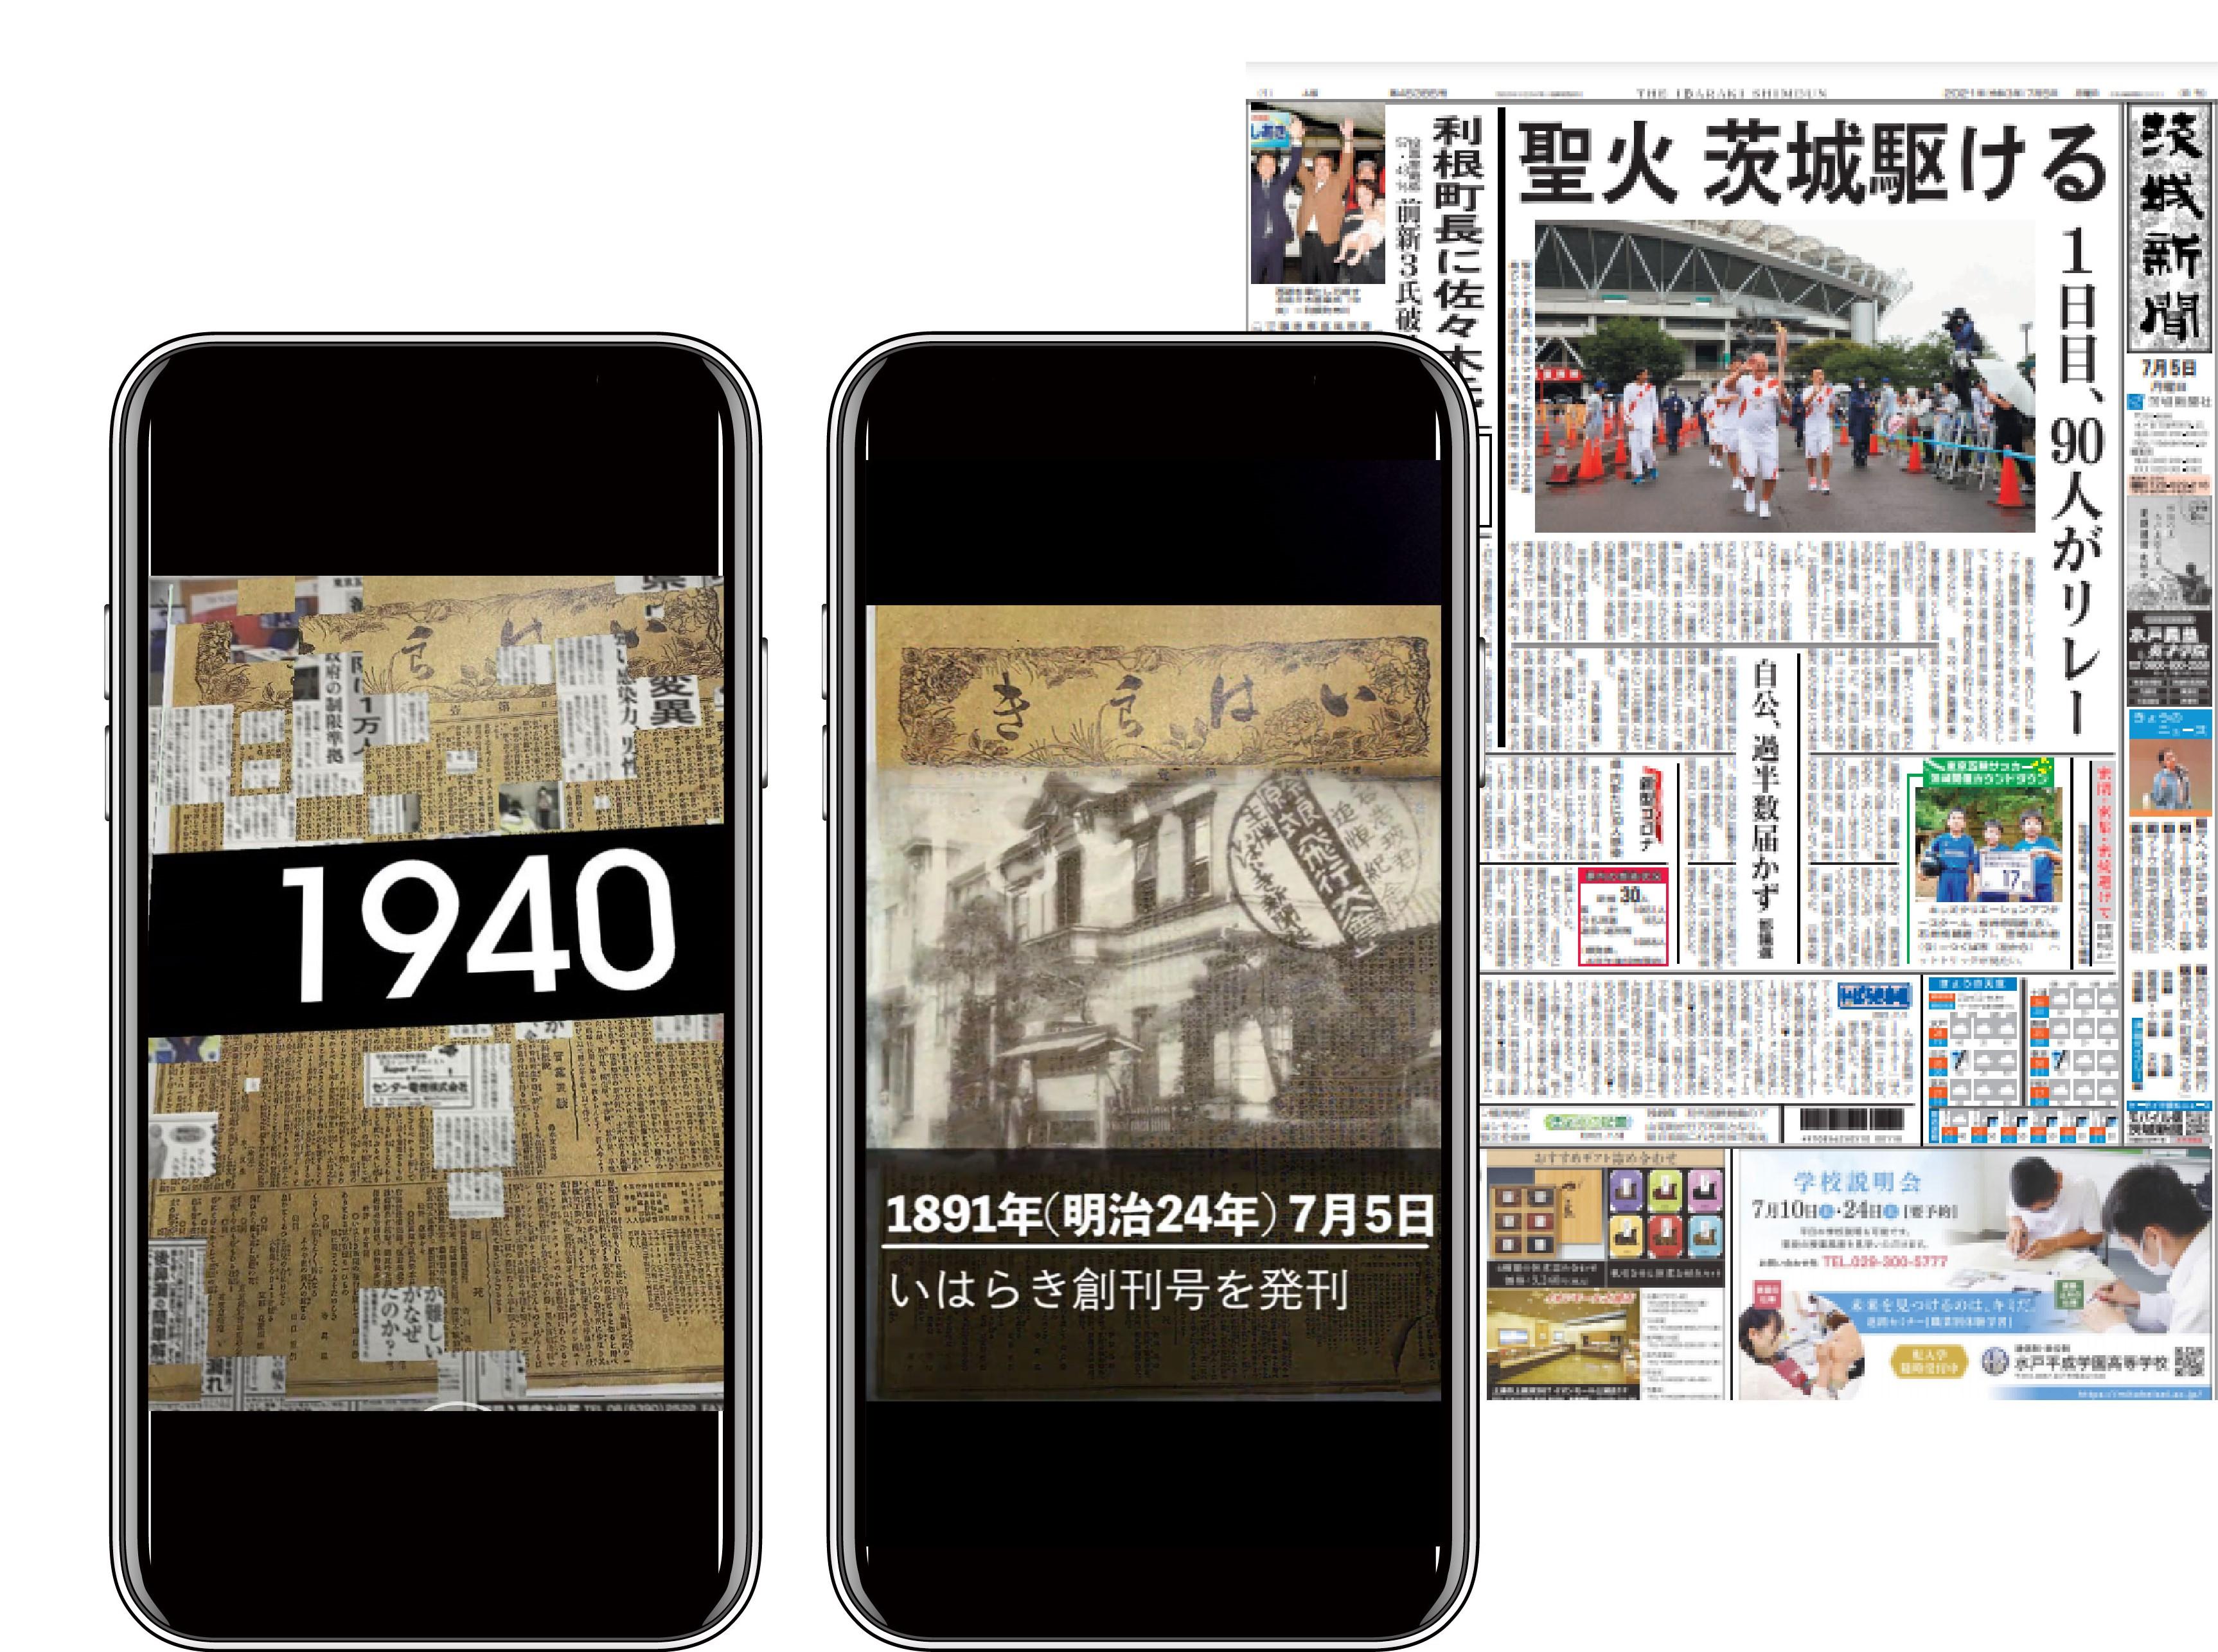 茨城新聞創刊130周年記念企画。ARで紙面が動き出す演出とともに過去の記事で茨城の歴史を振り返る